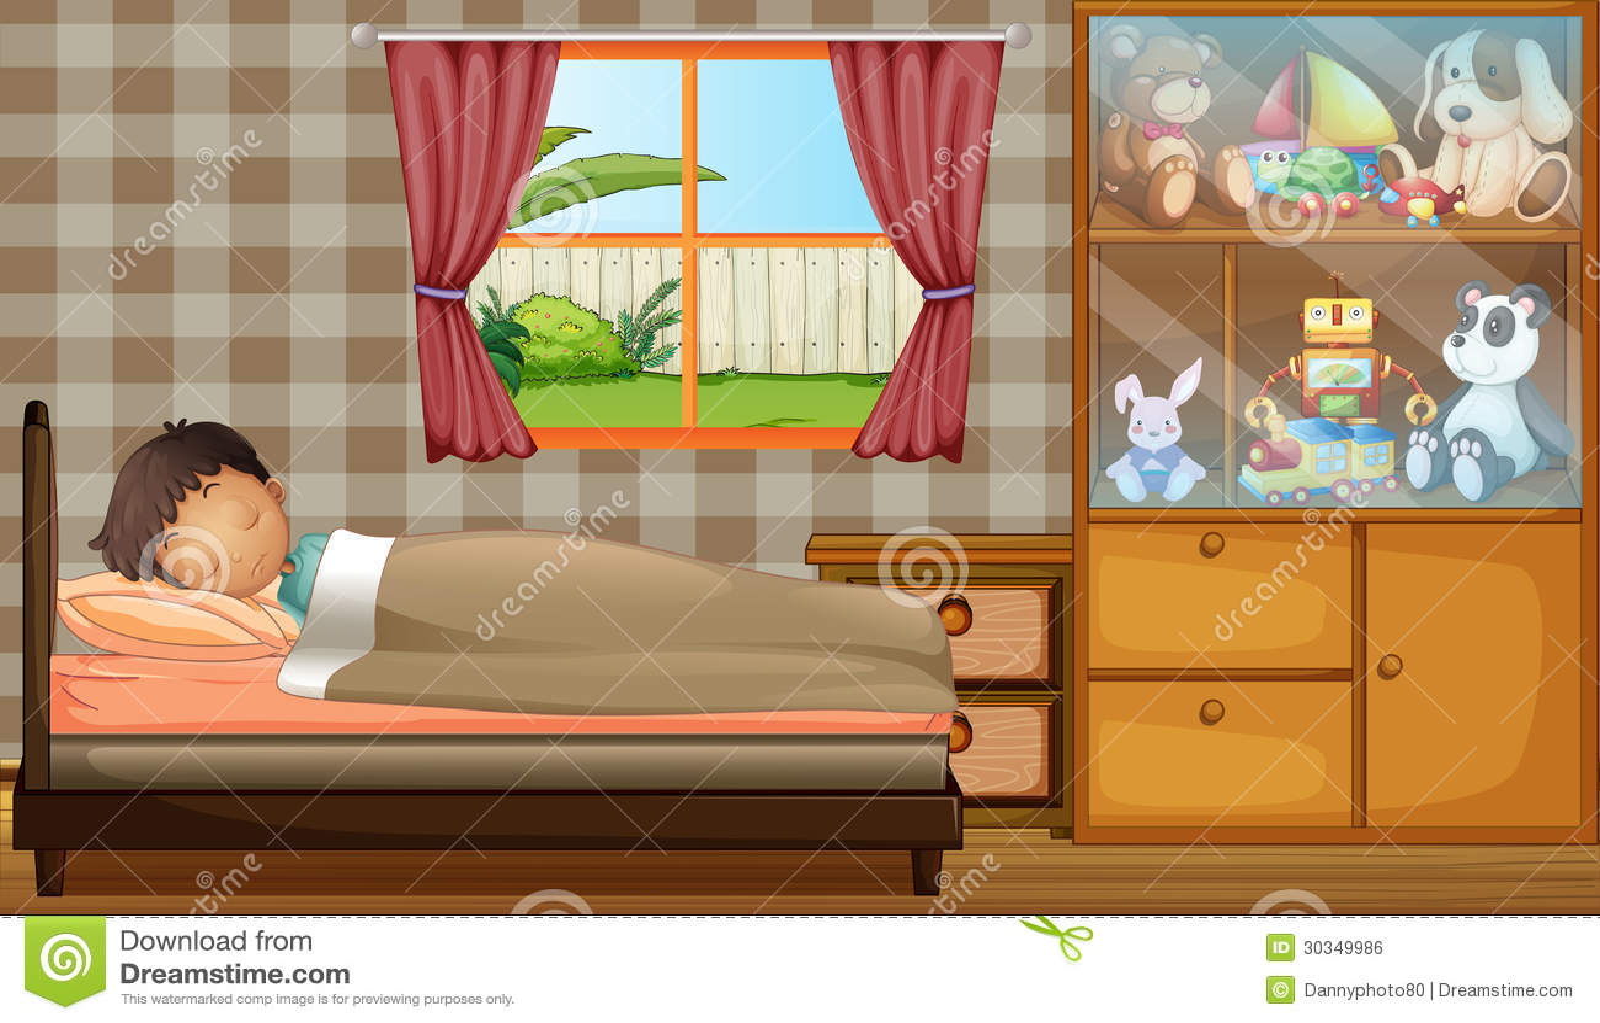 Ein junge der in seinem schlafzimmer schl ft lizenzfreies for Schlafzimmer junge